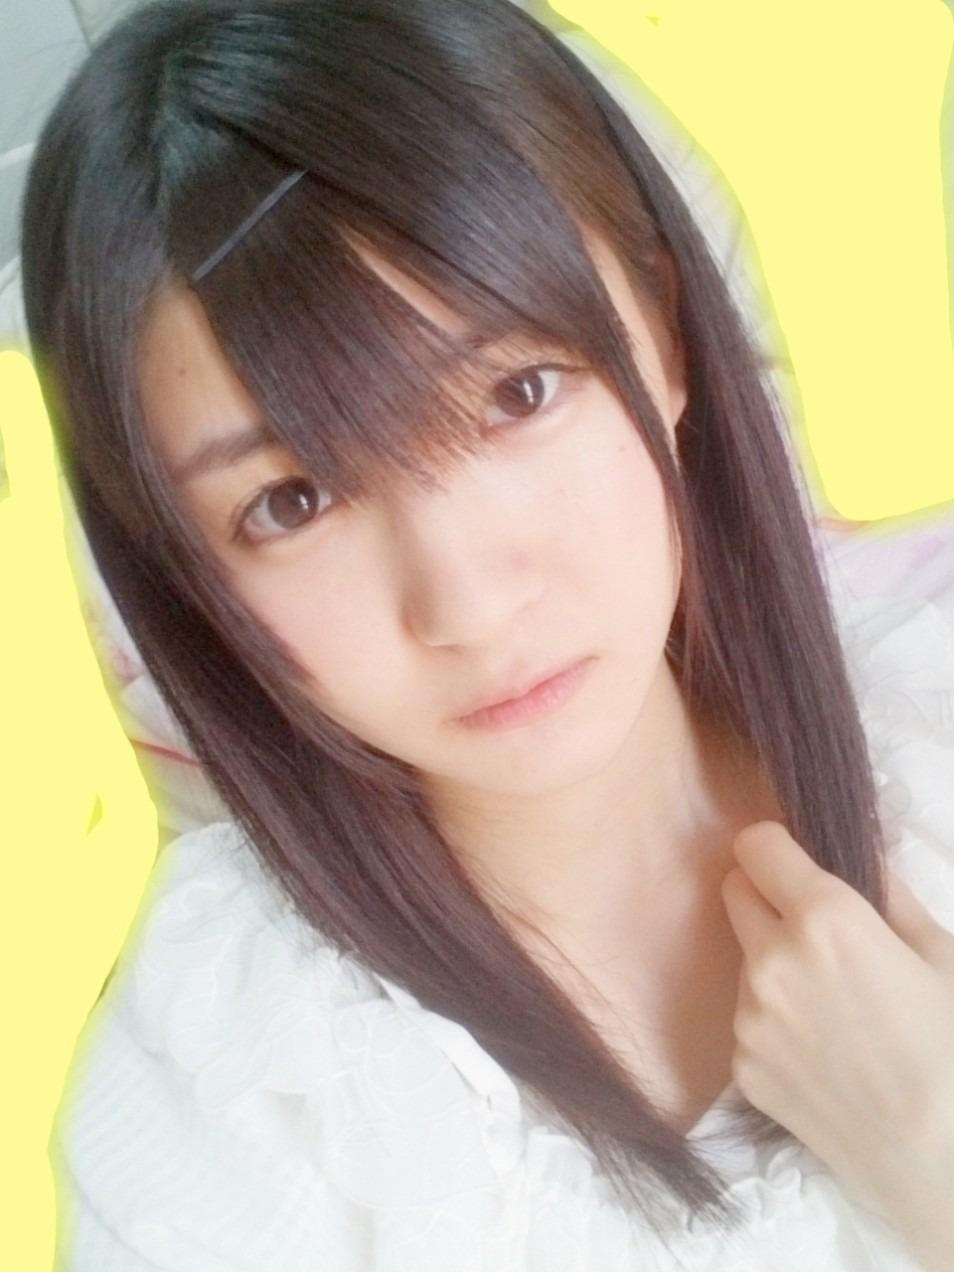 井上小百合 (アイドル)の画像 p1_34